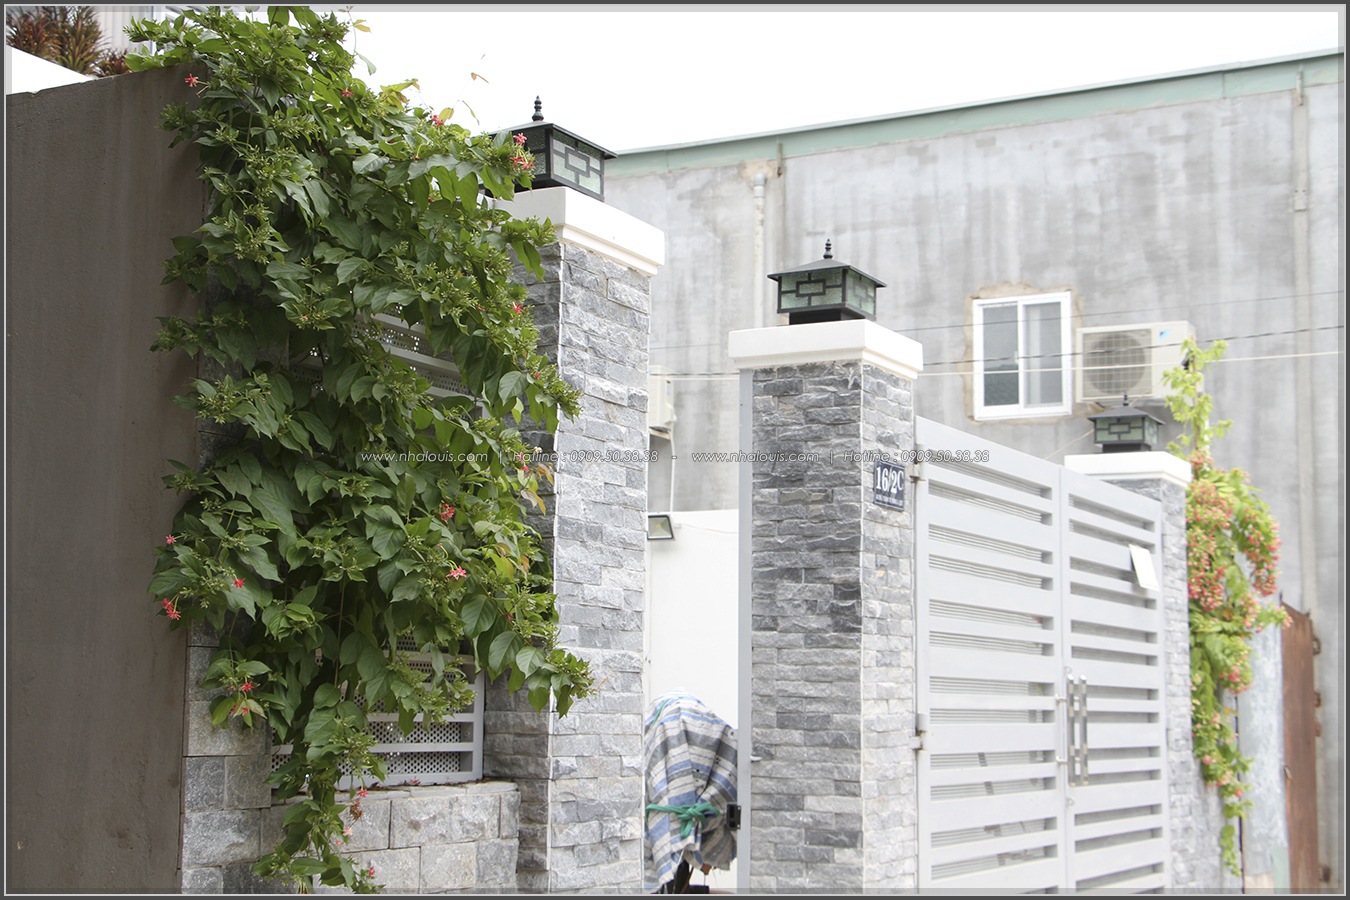 Thi công xây dựng nhà phố 1 trệt 1 lầu quận Bình Tân - 03